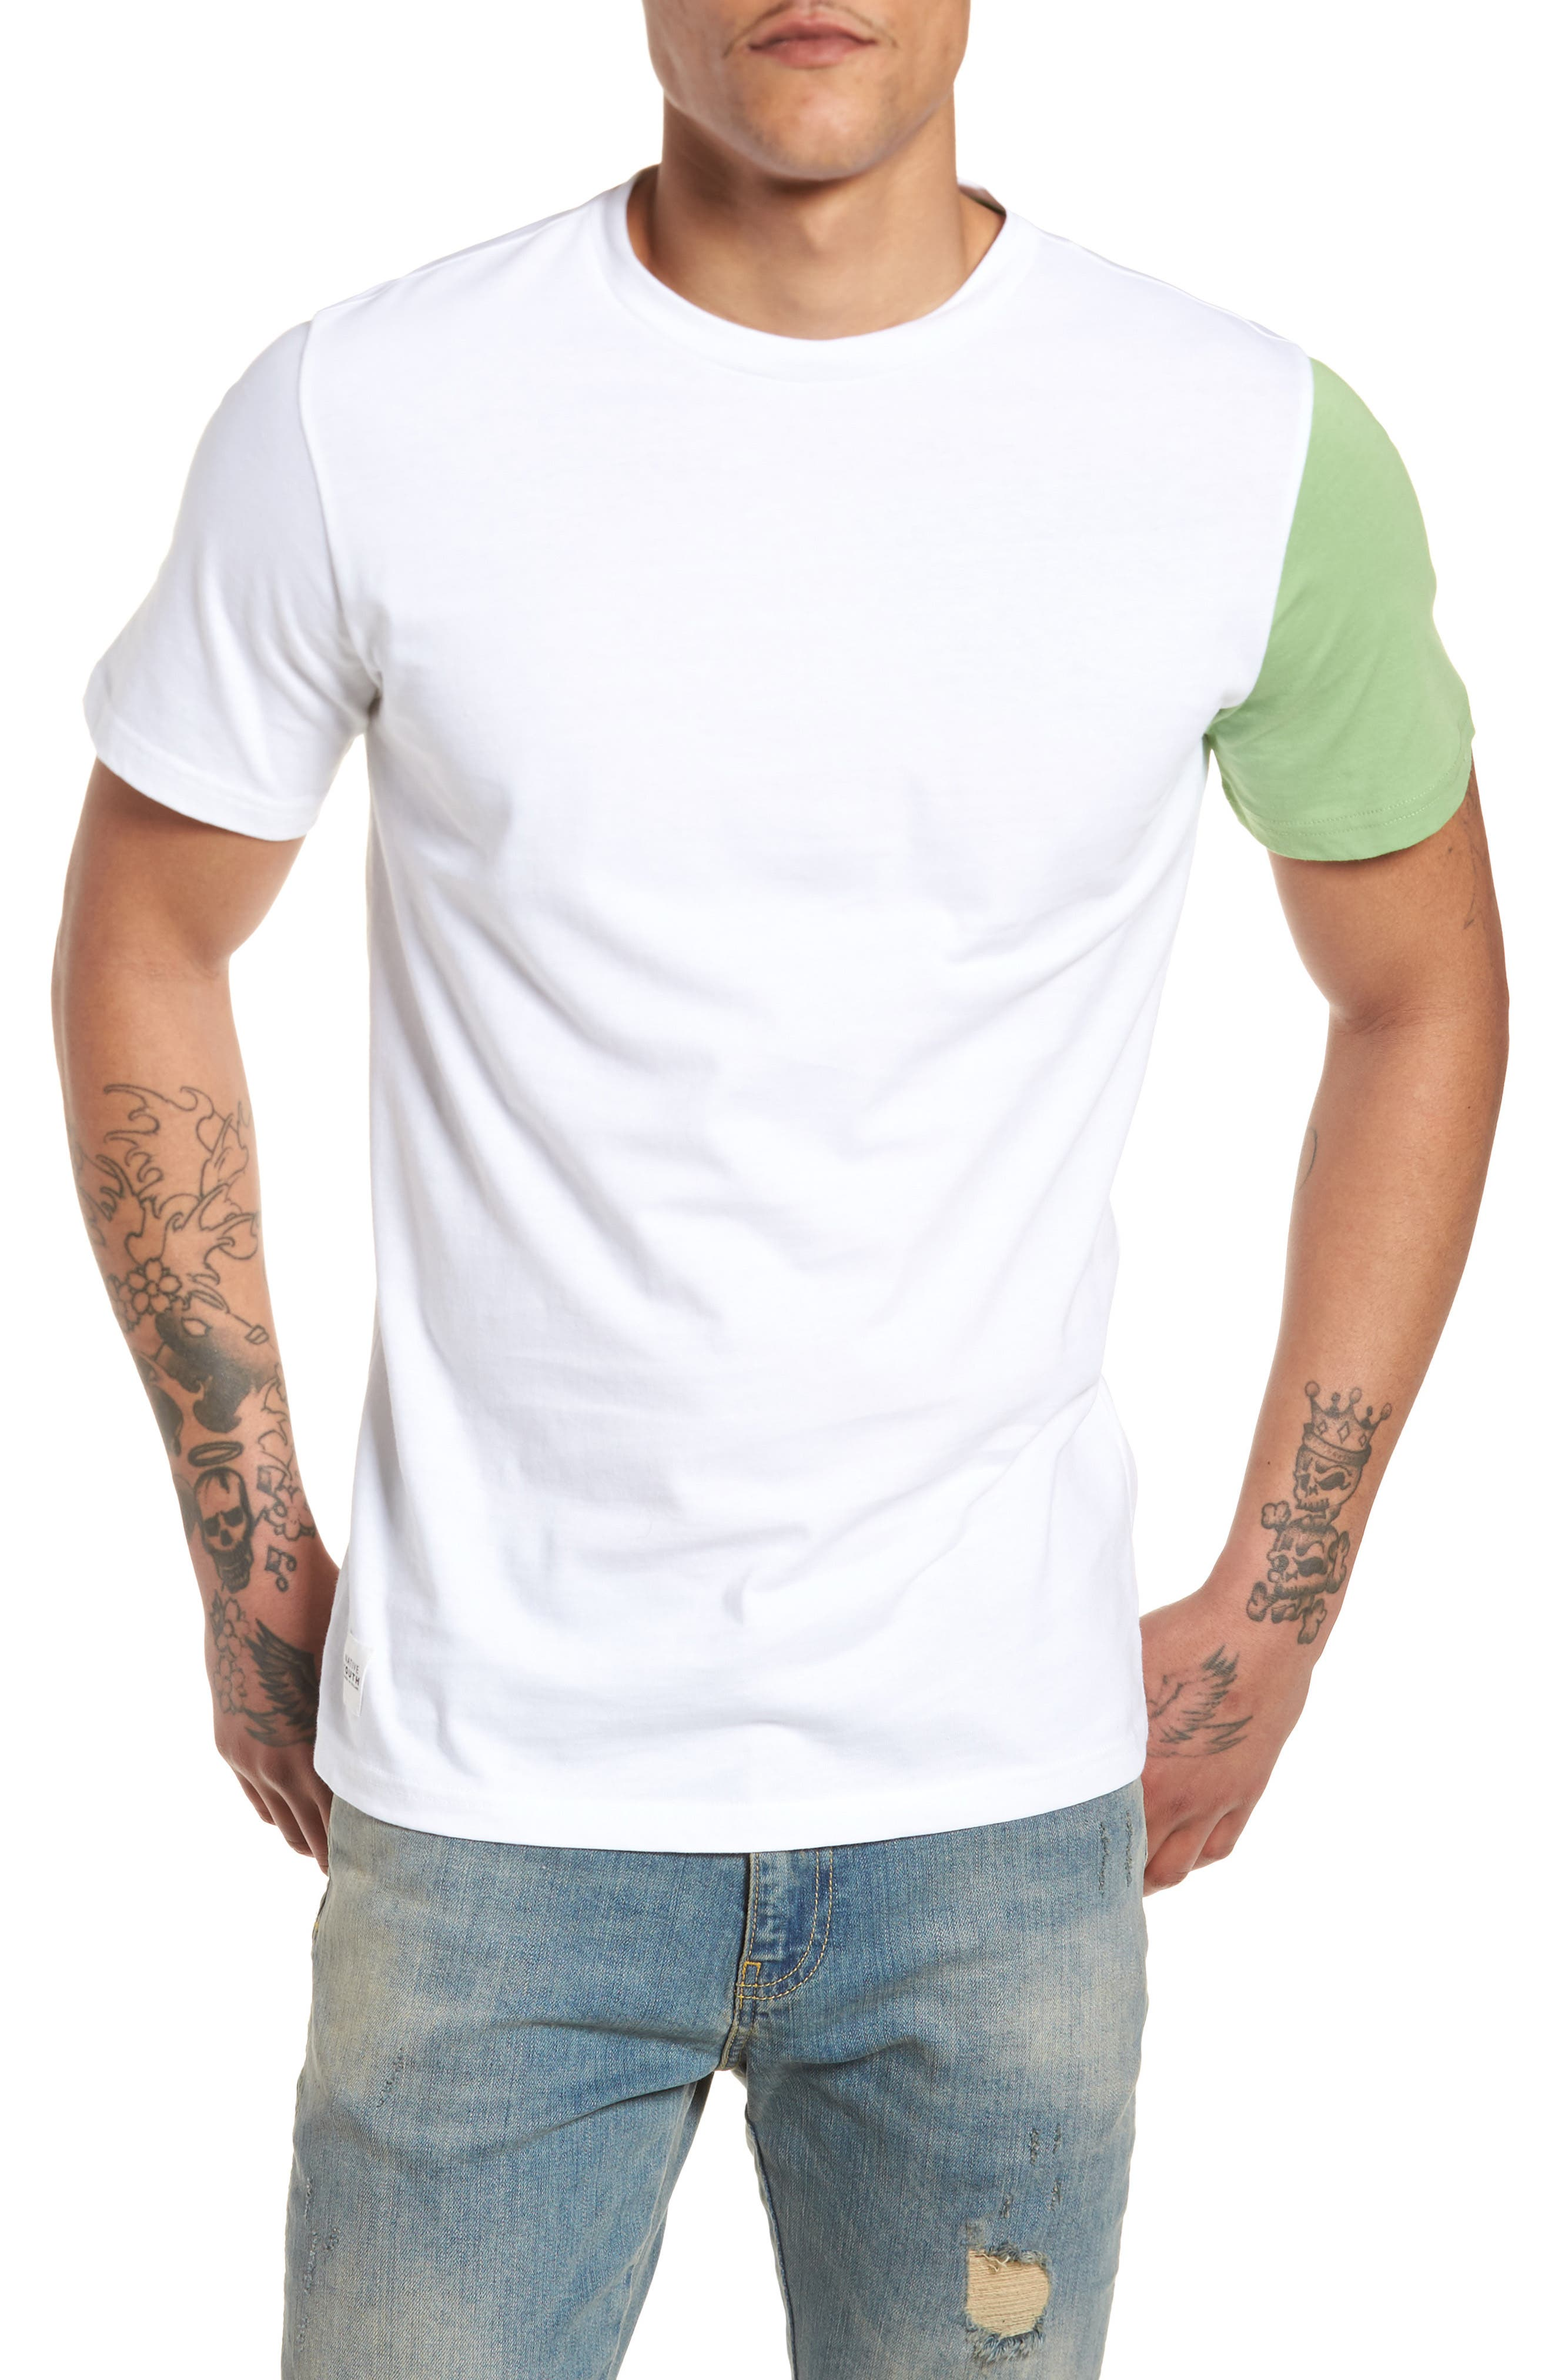 Tides T-Shirt,                         Main,                         color, White